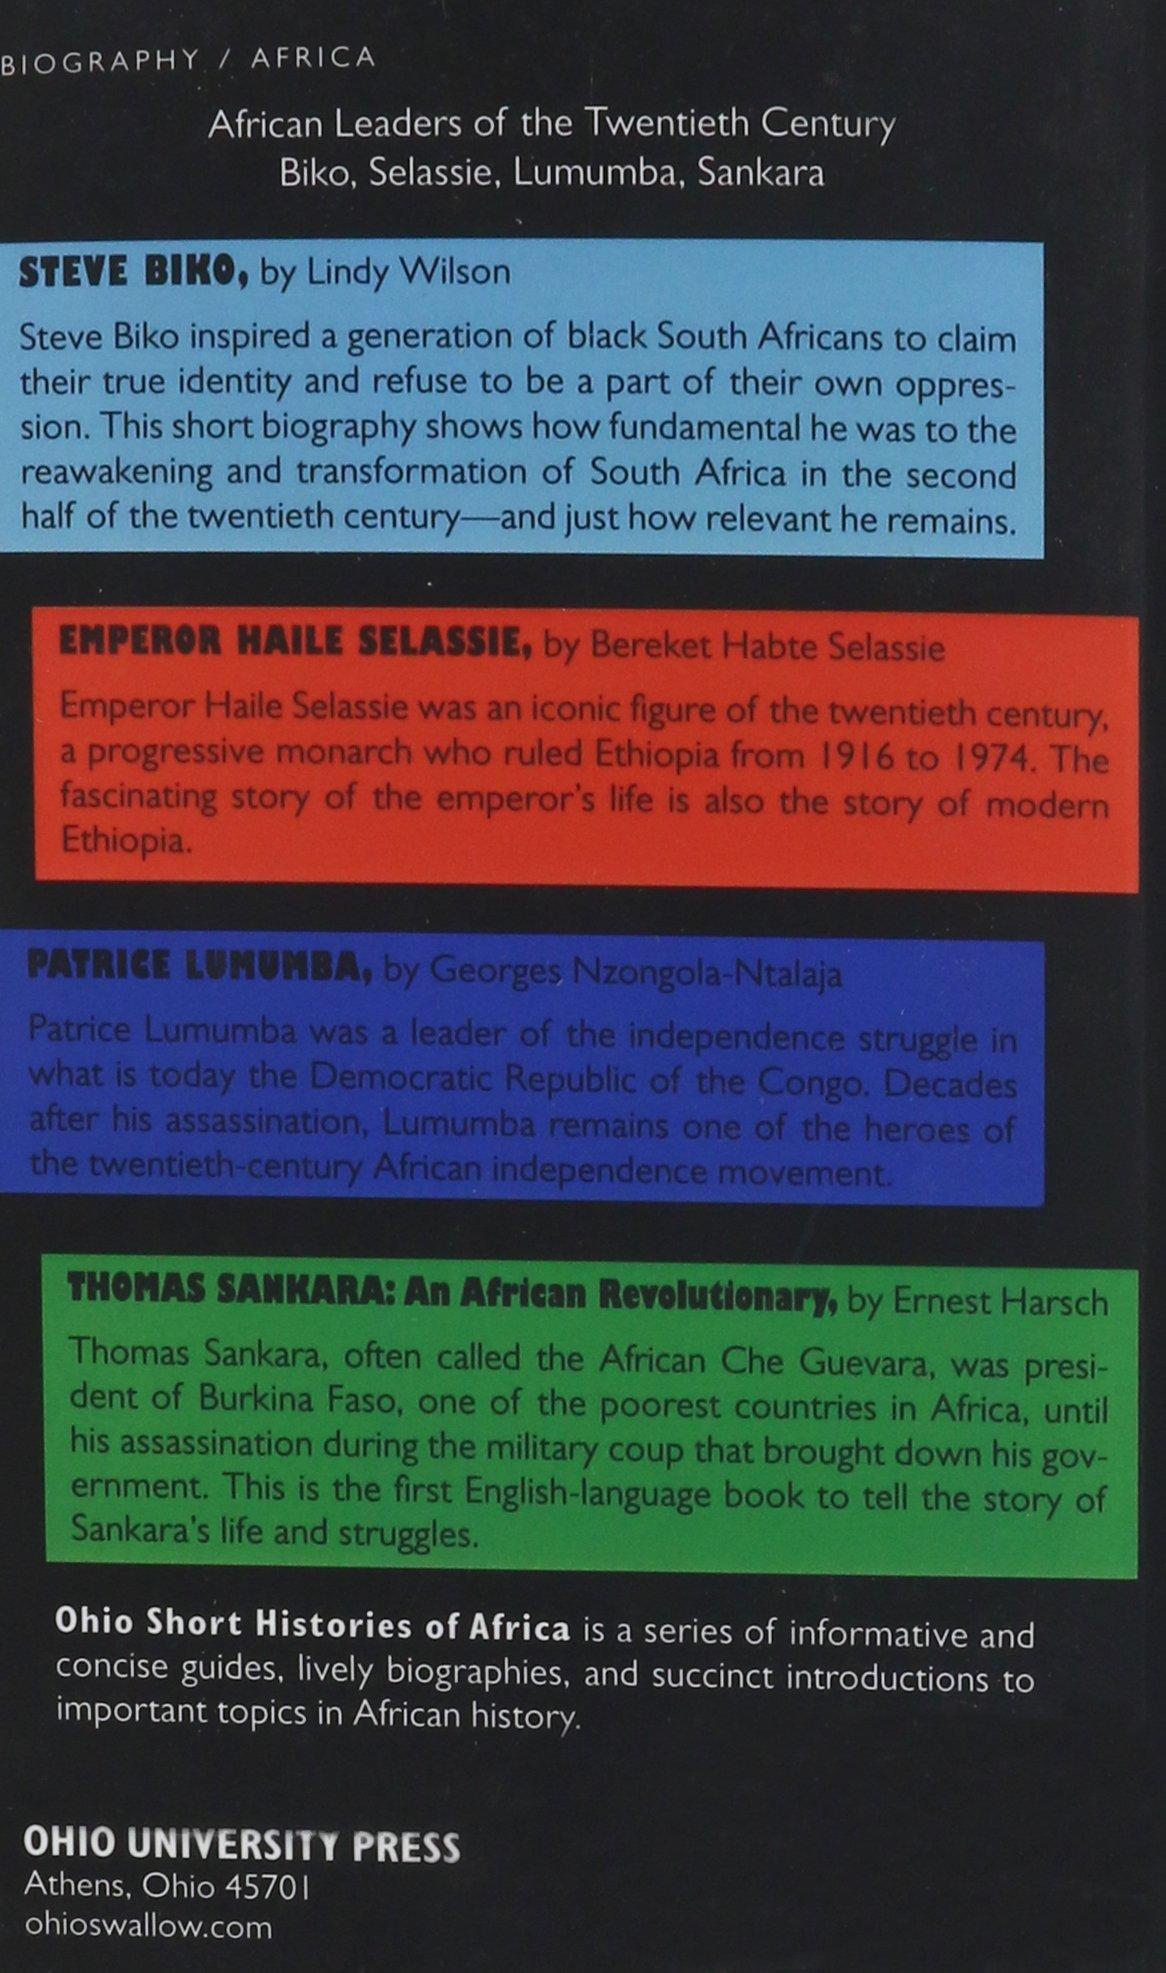 African leaders of the twentieth century biko selassie lumumba sankara ohio short histories of africa lindy wilson bereket habte selassie